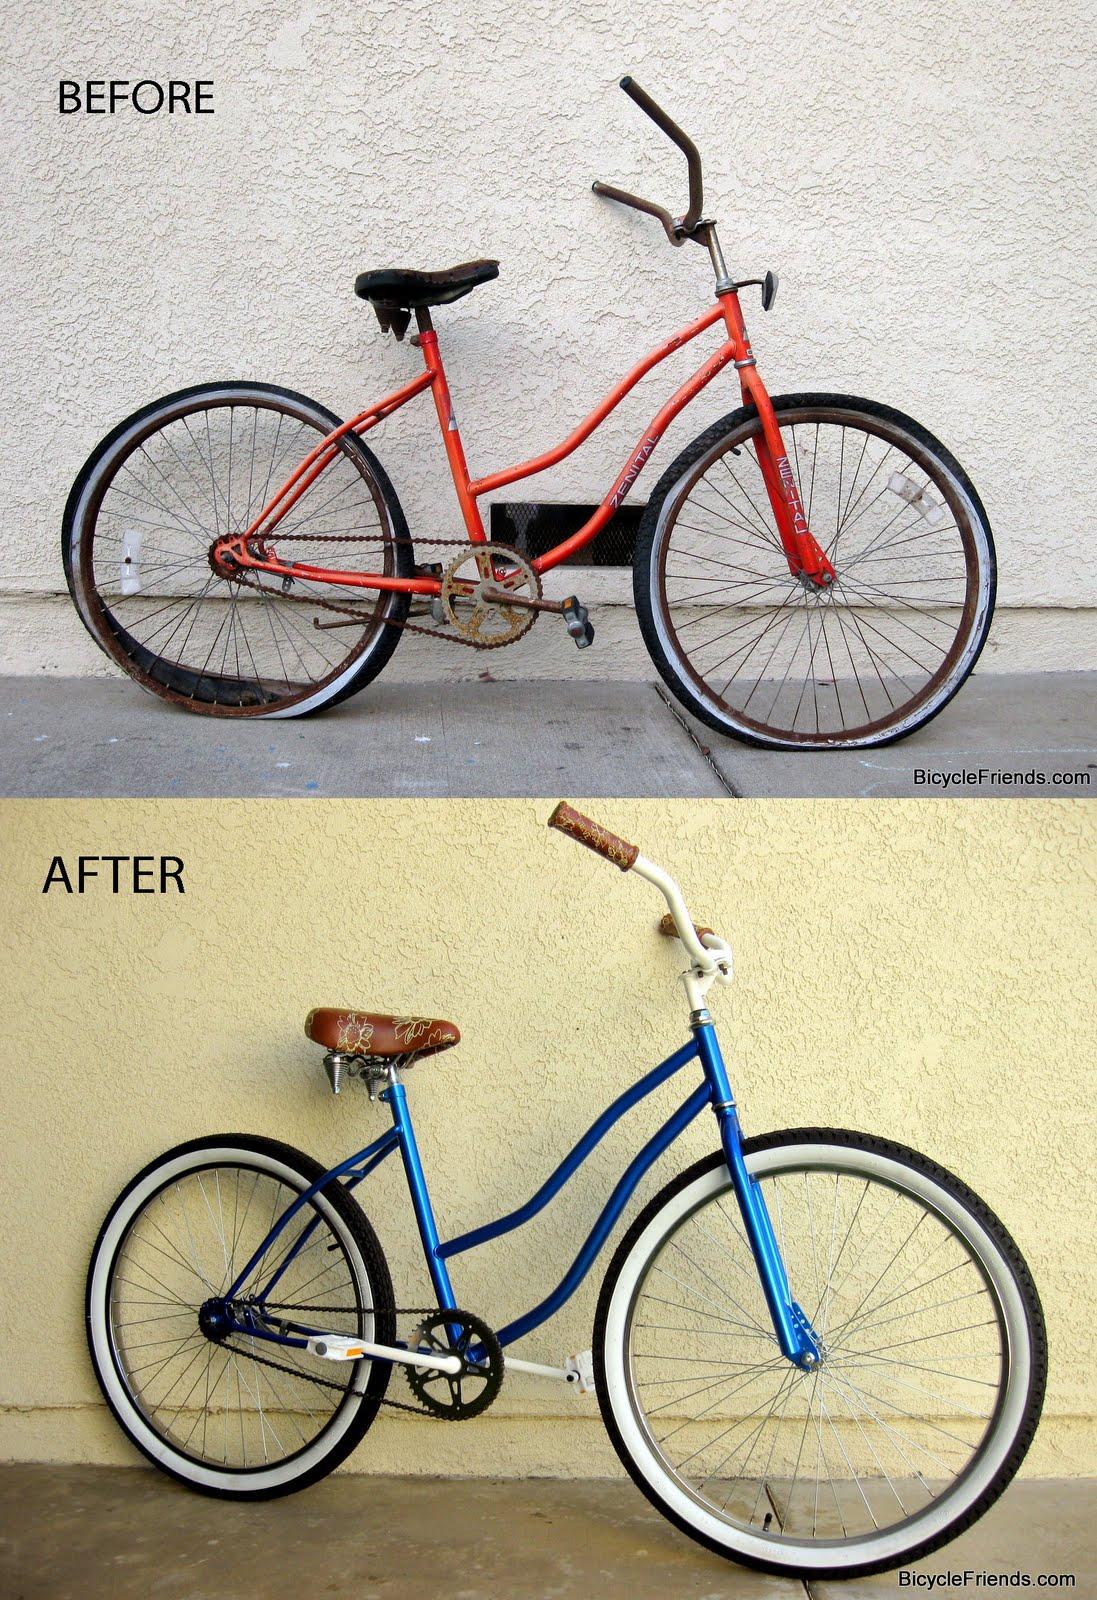 Craigslist Cincinnati Bikes Used bikes often